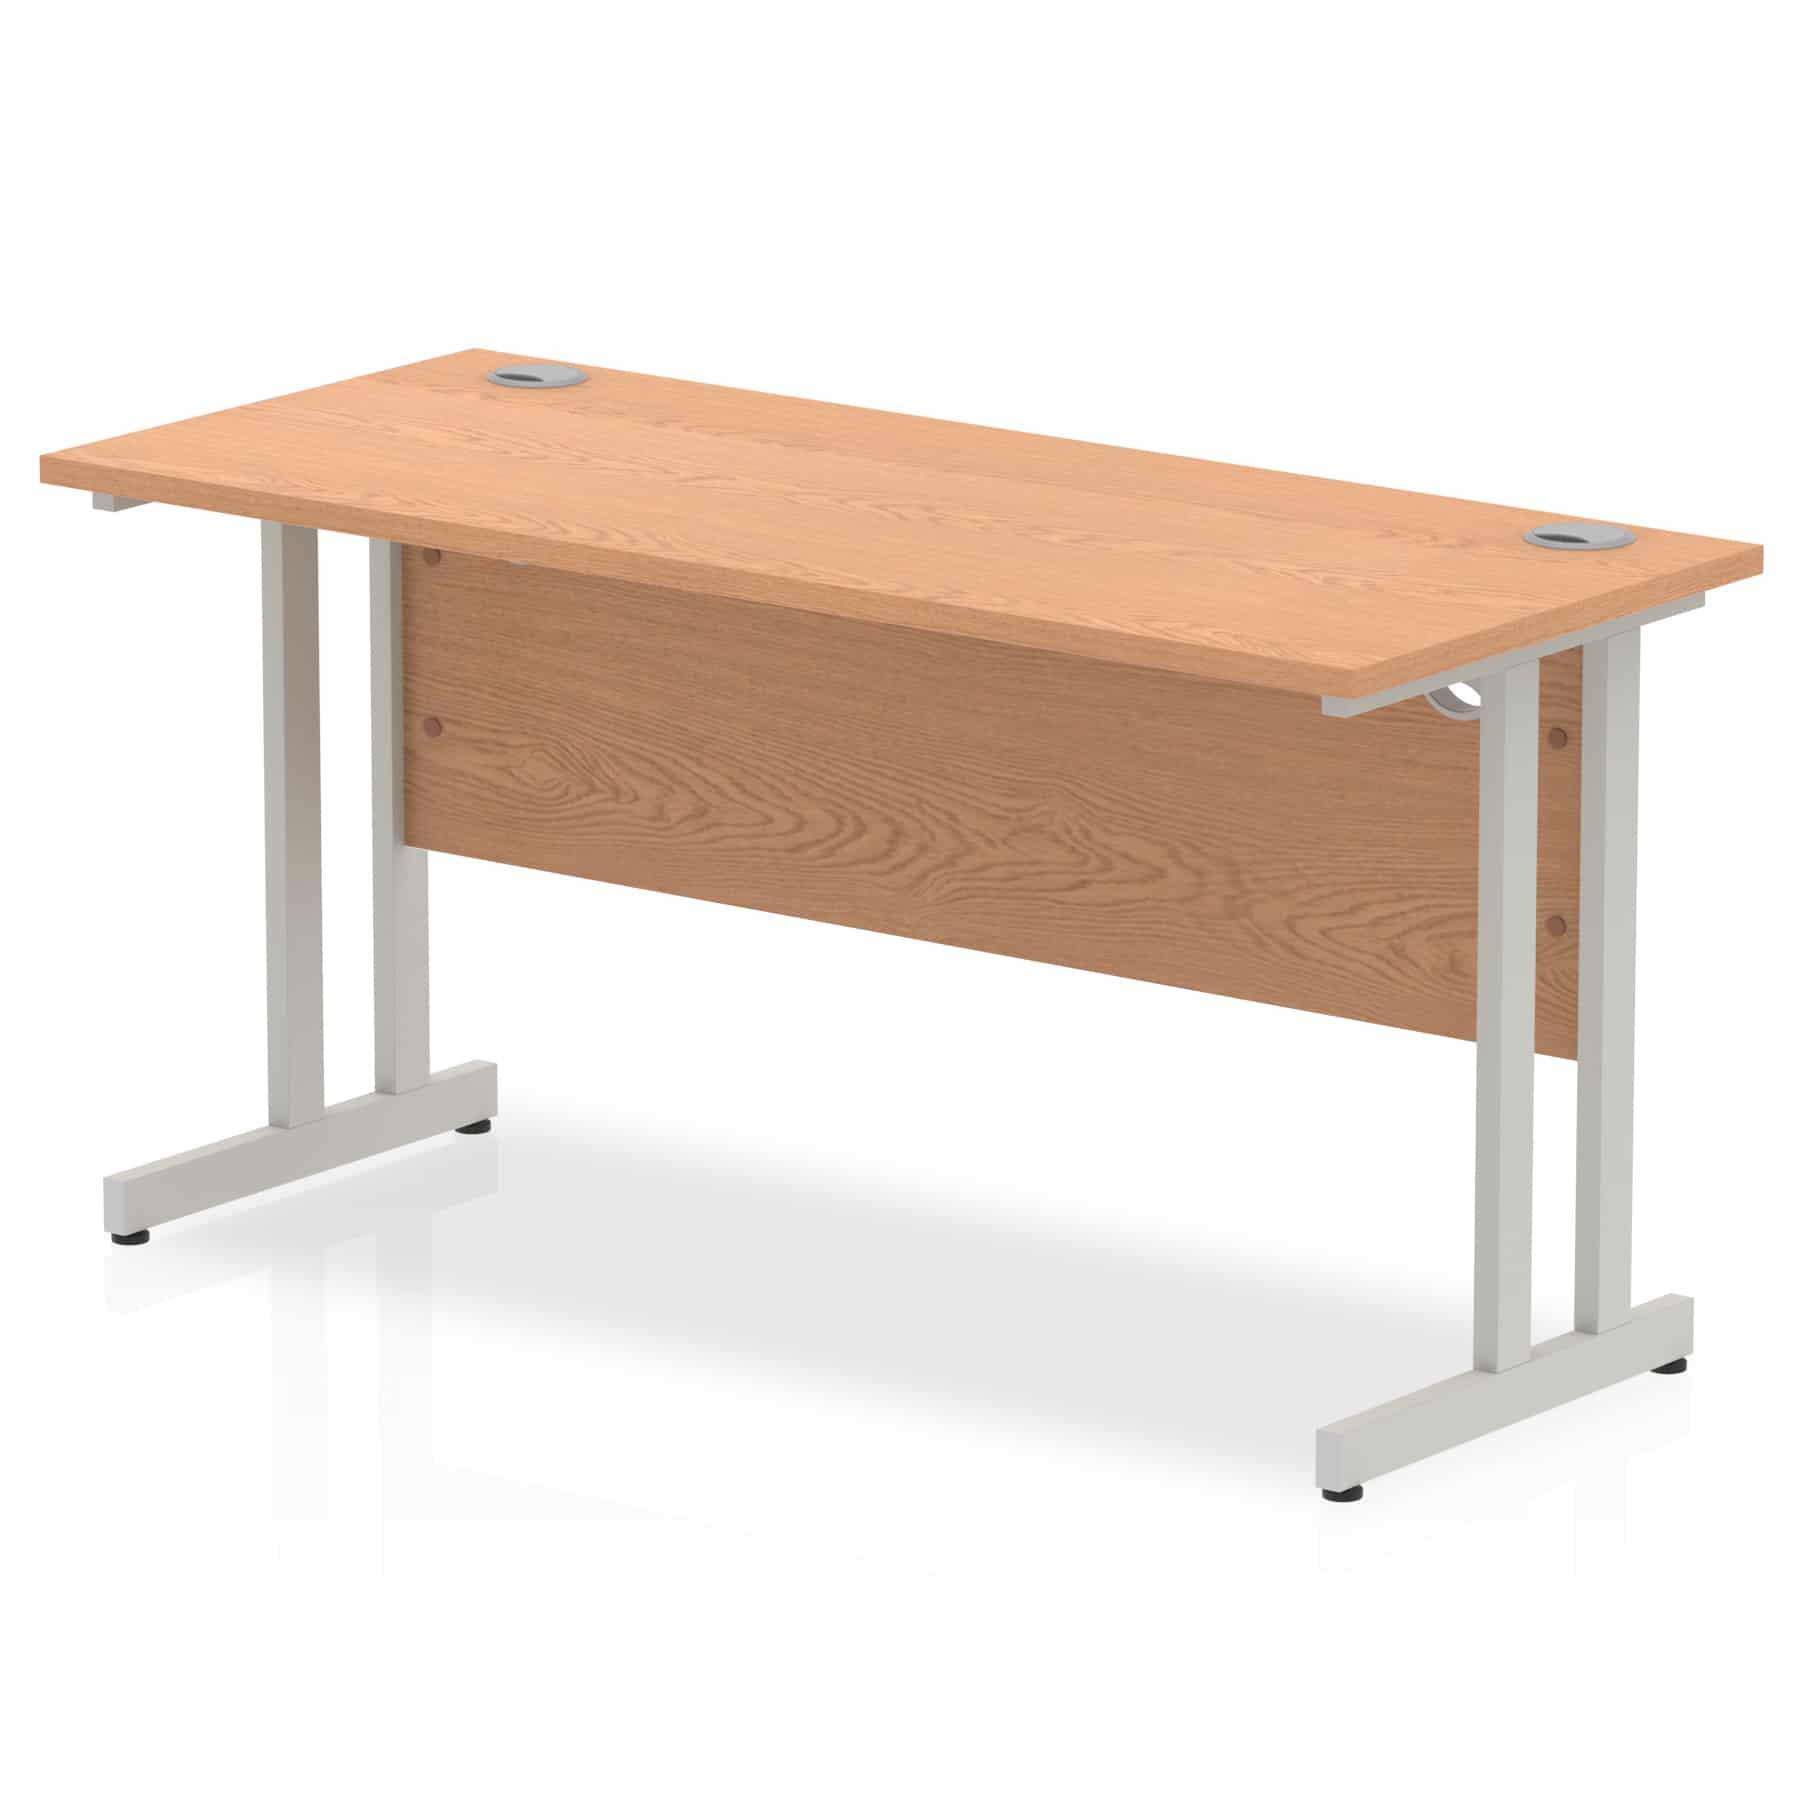 Slimline 1400mm x 600mm Rectangular Straight Desk in Oak